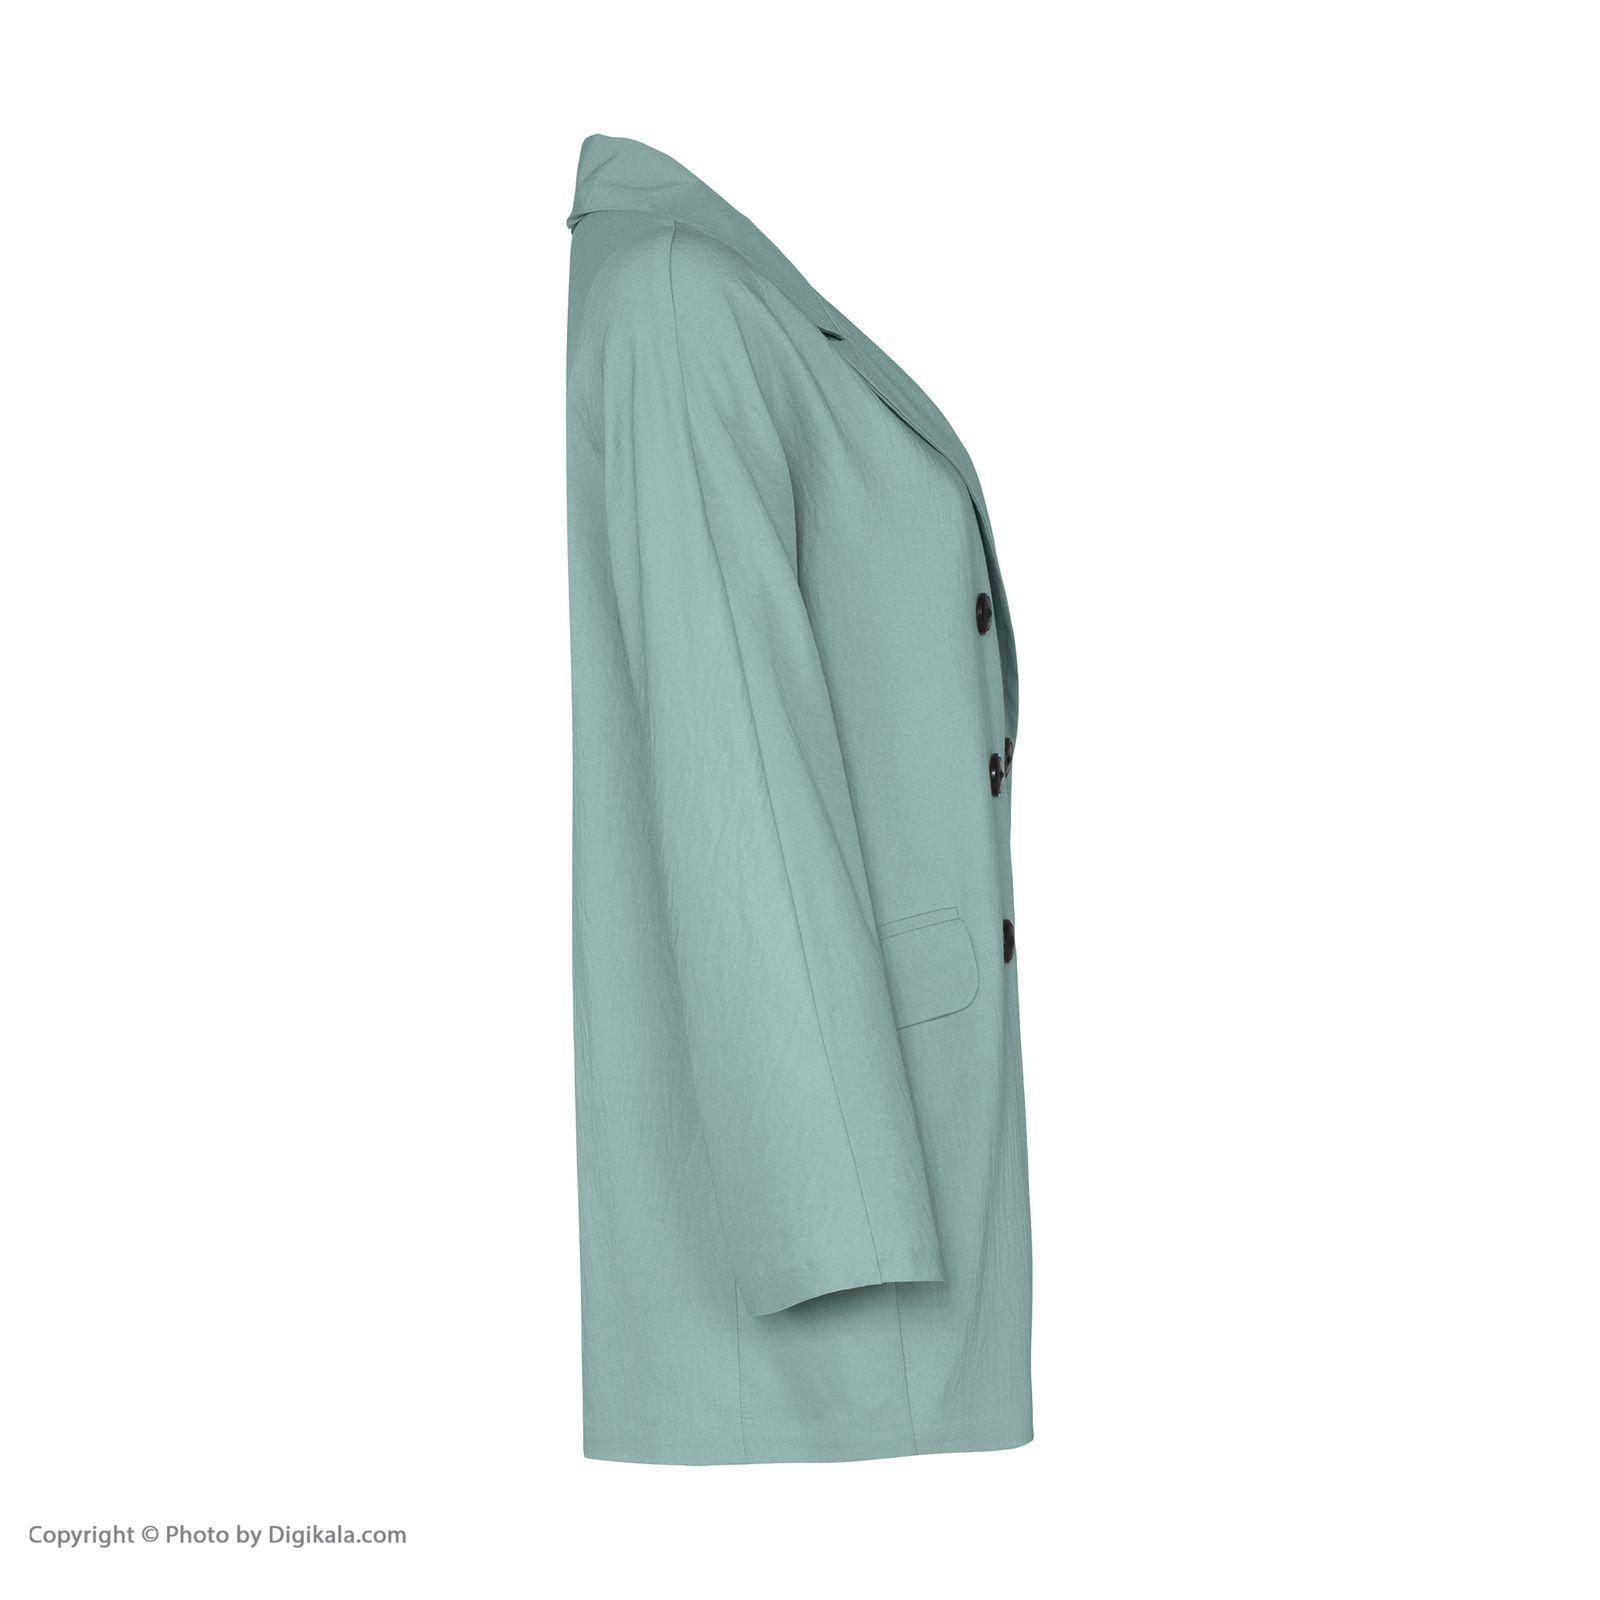 ست کت و شلوار زنانه اکزاترس مدل I017001094250009-094 -  - 10